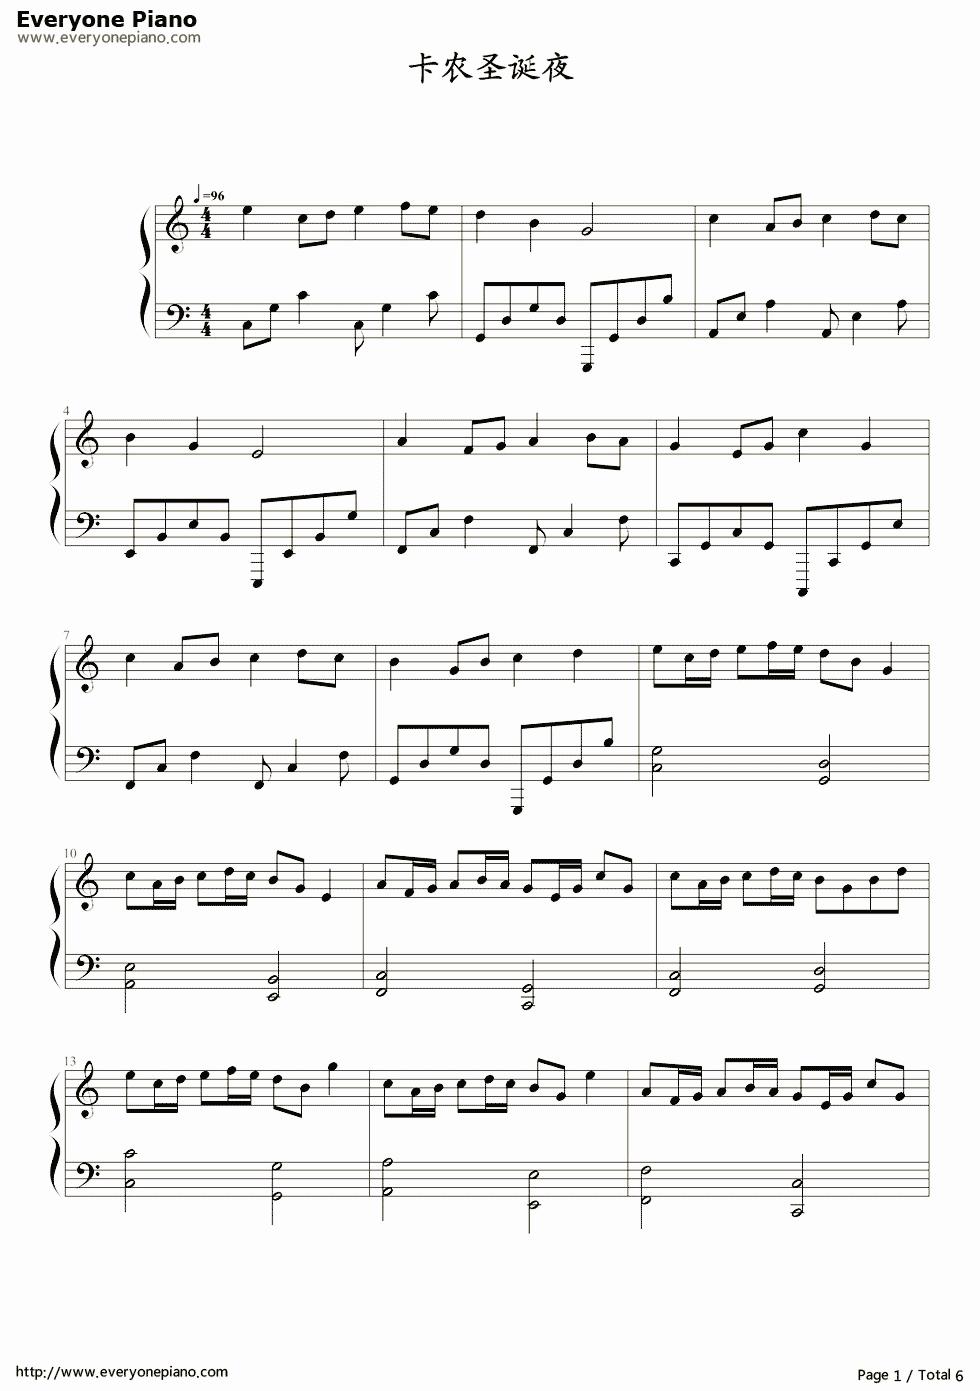 christmas songs sheet music free - Erkal.jonathandedecker.com